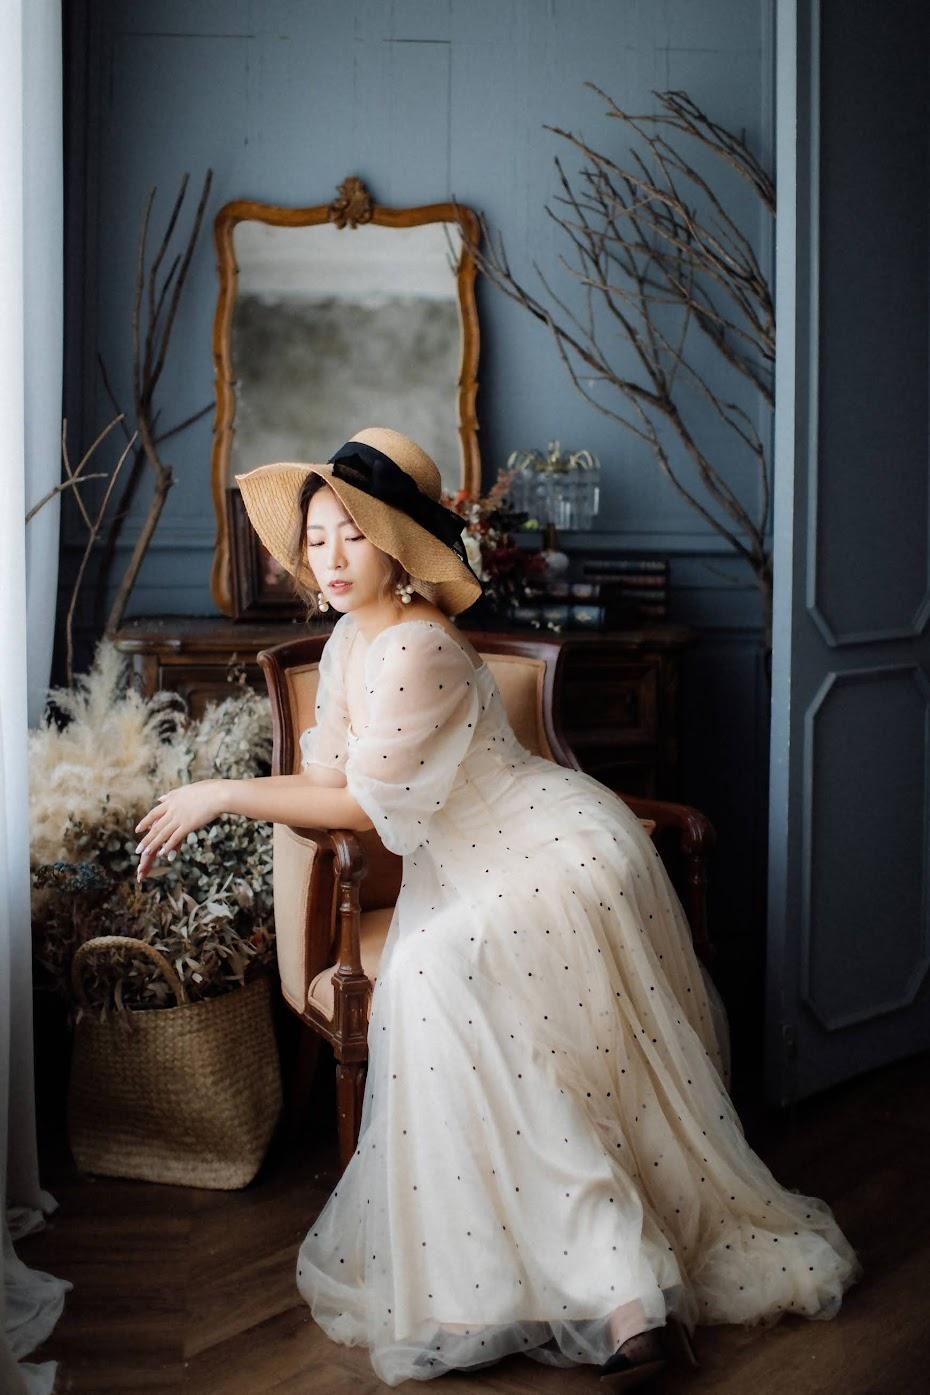 美式婚紗創作 | INSPIRATION | 復古的美式逐光婚紗 美式婚紗創作 / 靈感 創意 婚紗 / 美式婚紗婚禮 / 單人 婚紗, 今年秋天,我們在53studio ,替 Grace 拍攝了這組 藝術 單人 婚紗,在涼爽的季節,拍攝相當順利。這是一次非常深刻的 靈感 復古 婚紗 拍攝經驗,而外拍後,我們拍攝了兩個場景,在法式攝影棚為她拍攝AG的 逐光 美式 婚紗。